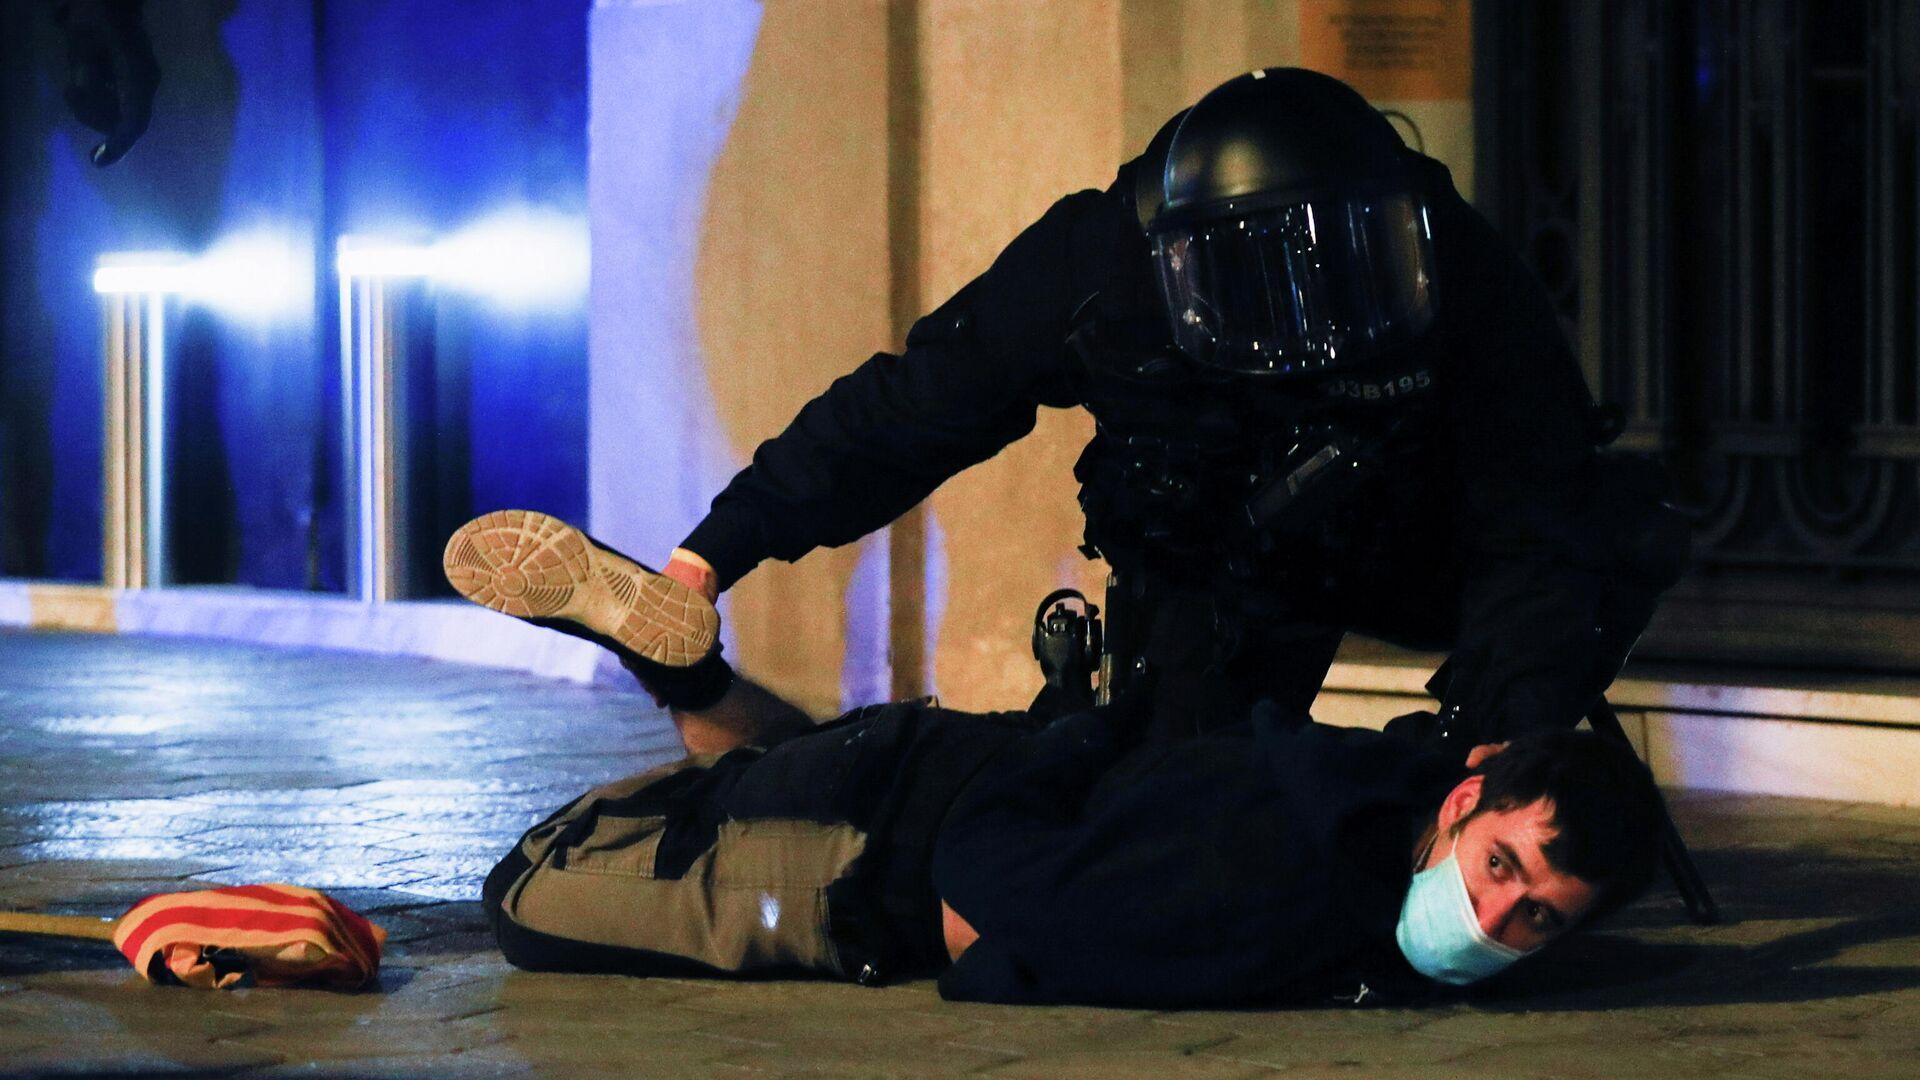 Un policía deteniendo a un manifestante durante los disturbios en Barcelona, España - Sputnik Mundo, 1920, 20.02.2021